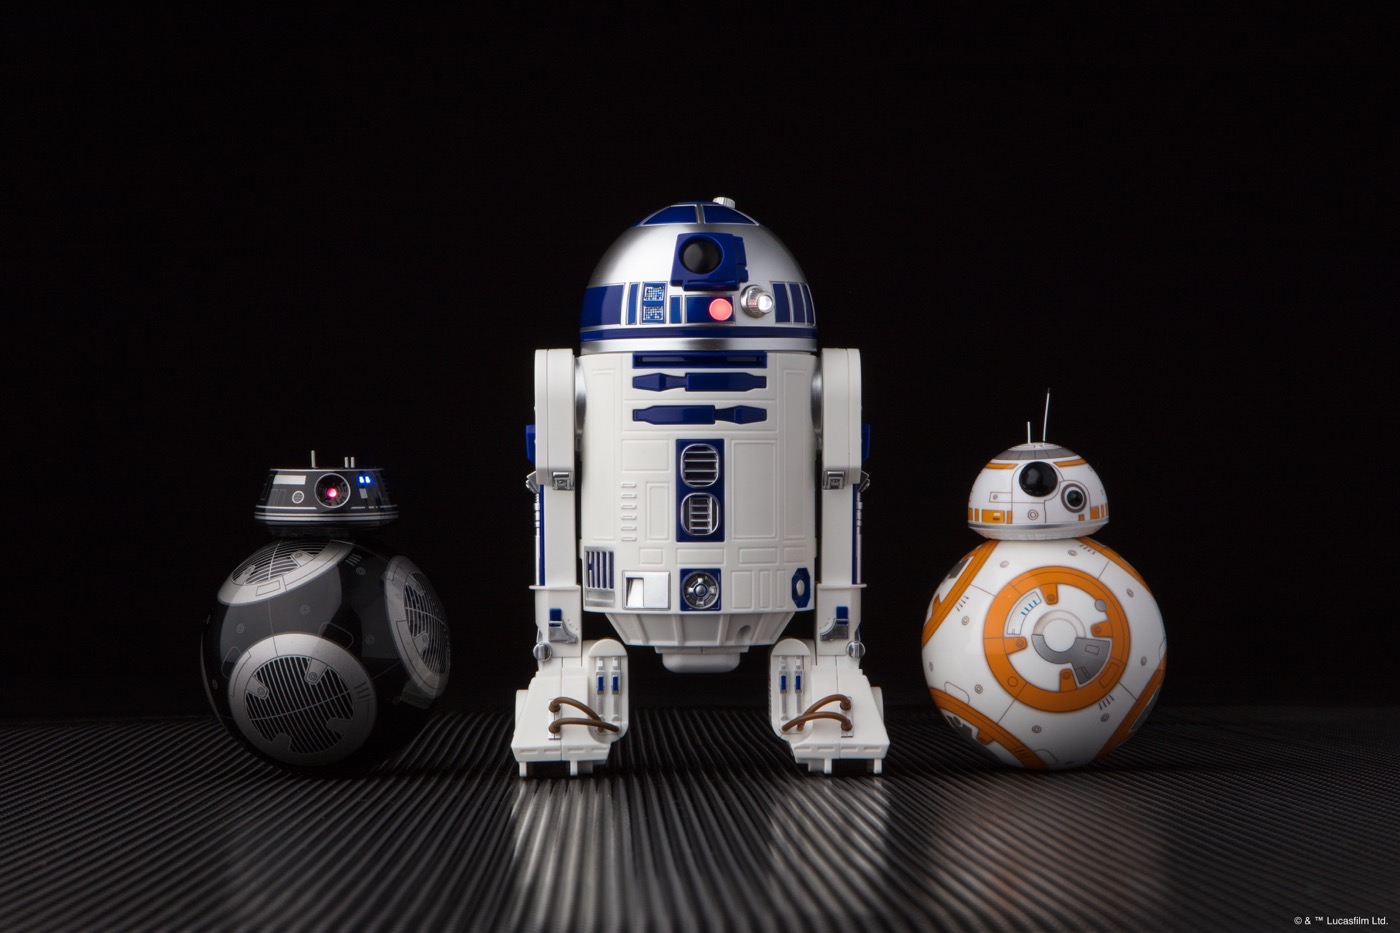 Nuovi droidi BB-9E e R2-D2 in arrivo da Sphero!